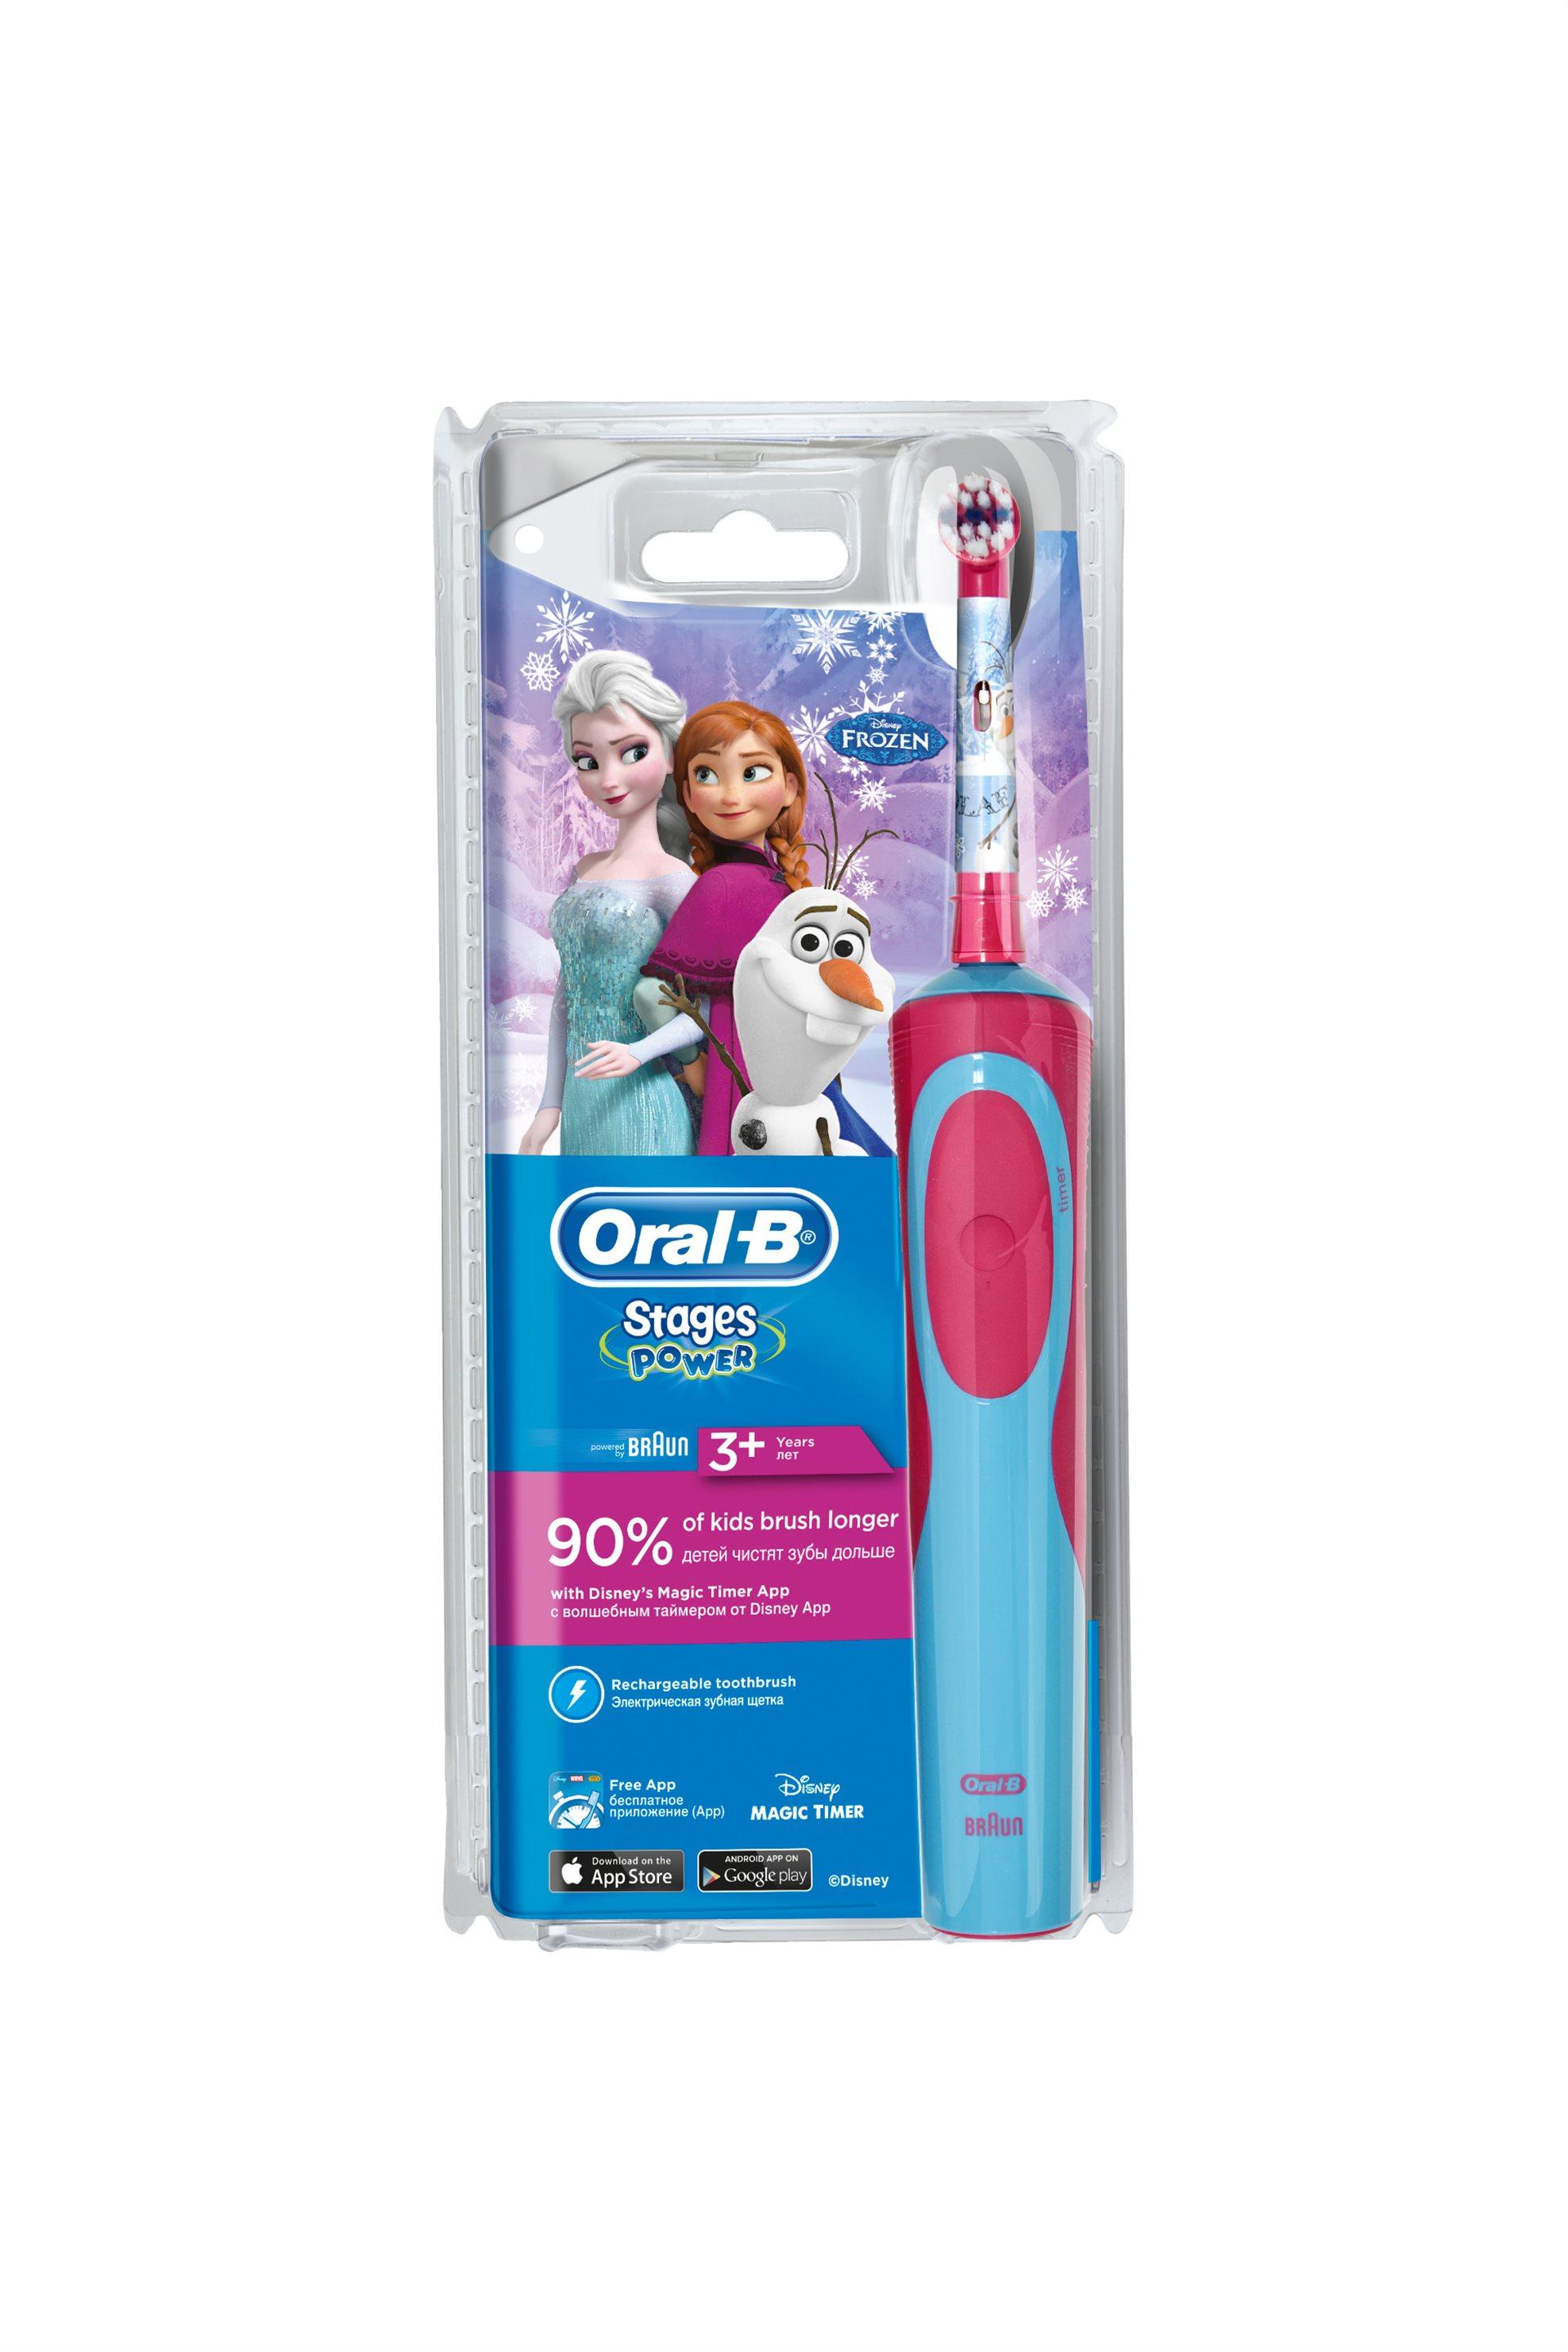 Επαναφορτιζόμενη παιδική οδοντόβουρτσα Oral B Vitality Kids Frozen Braun - 80279 home   συσκευεσ περιποιησησ   ηλεκτρικές οδοντόβουρτσες